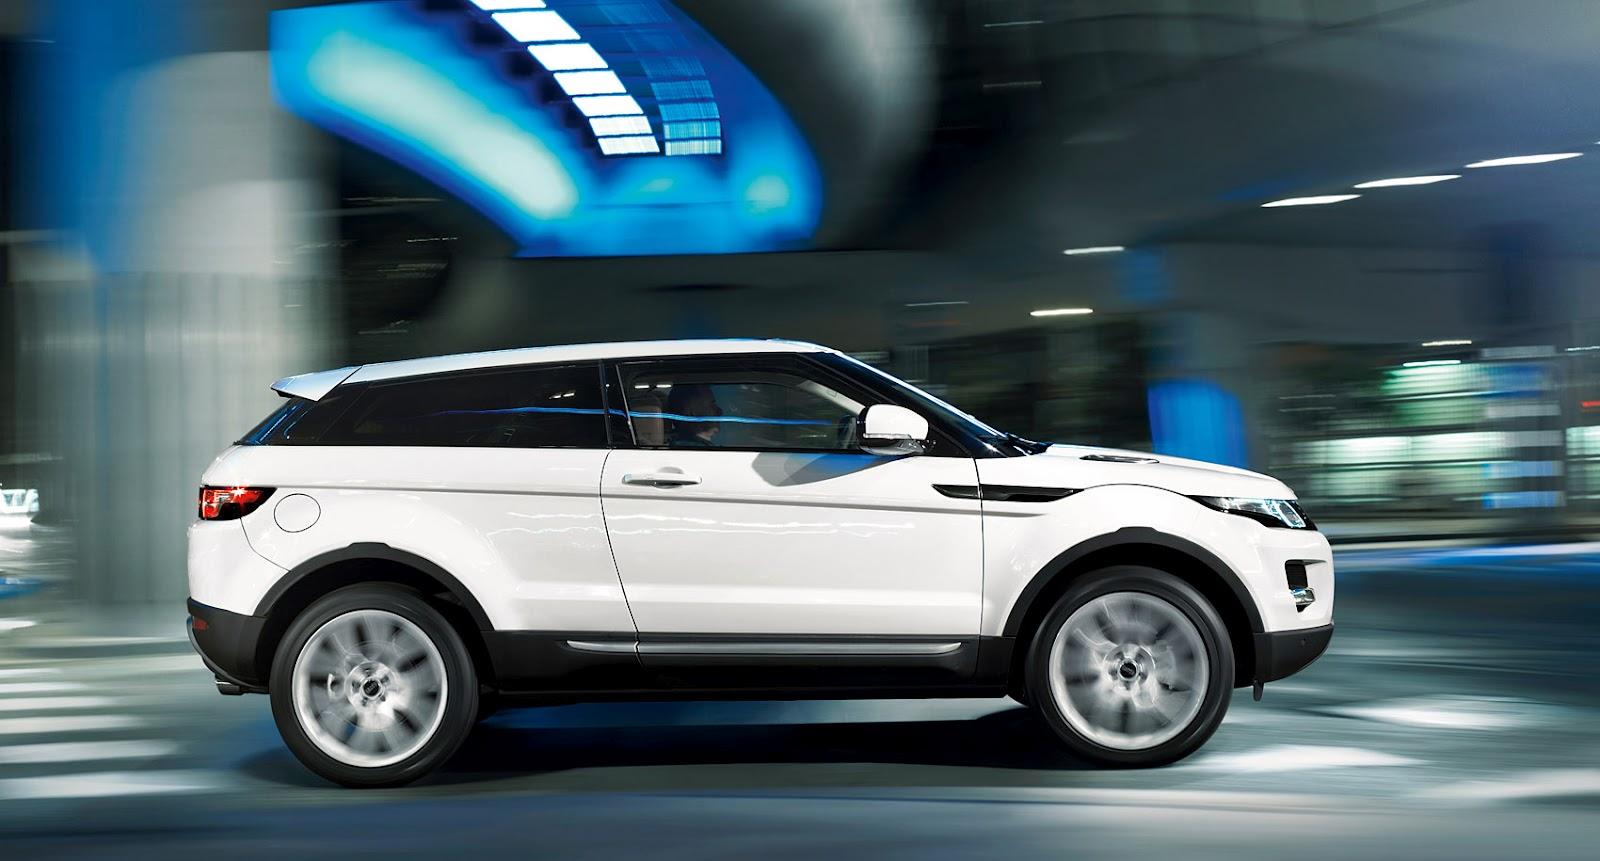 Car Range Rover 2016: Range Rover Car Key